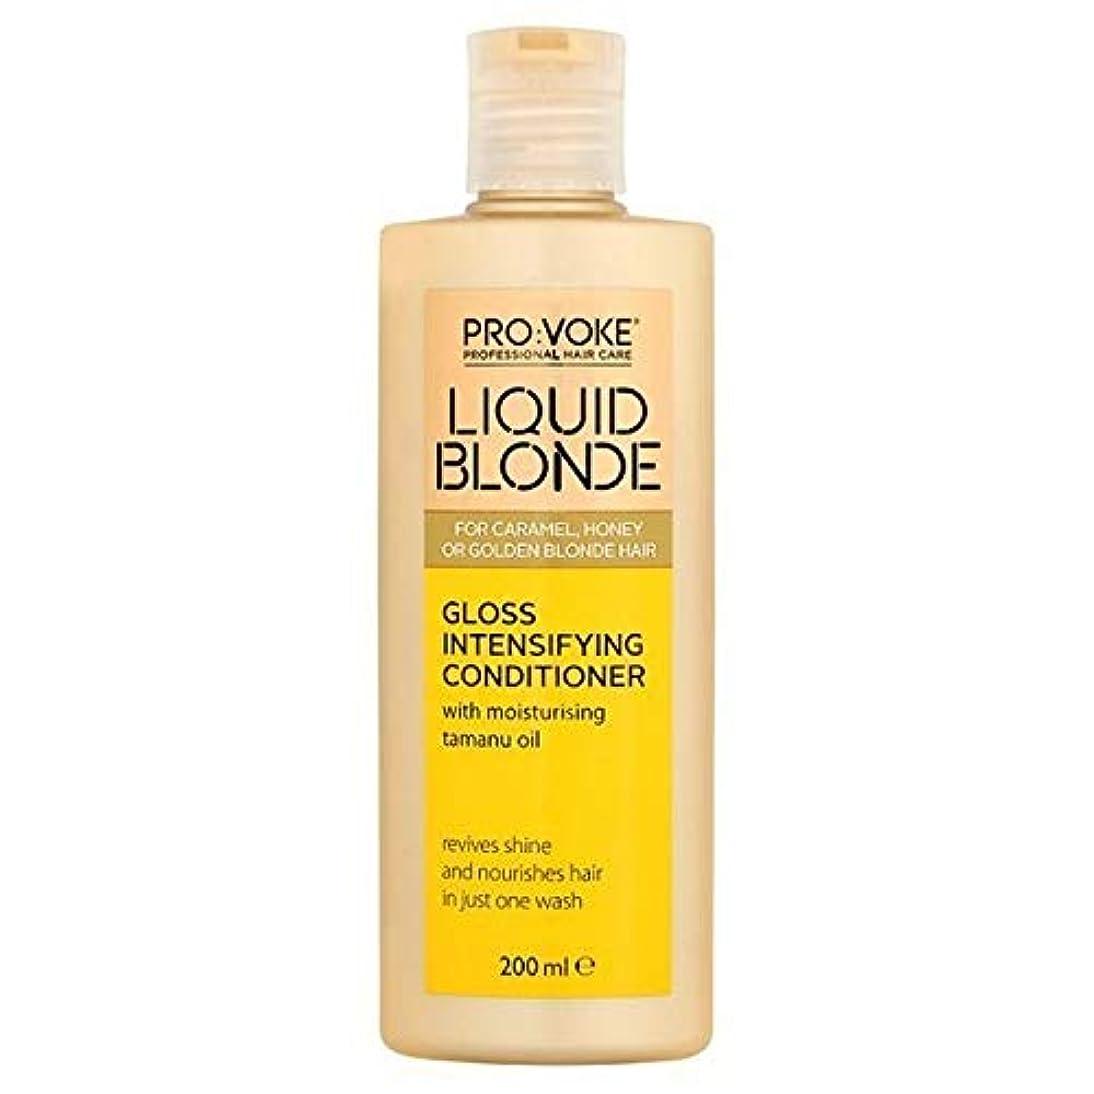 趣味シャツ人形[Pro:Voke] プロ:Voke液体ブロンド強烈な輝きコンディショナー - PRO:VOKE Liquid Blonde Intense Shine Conditioner [並行輸入品]